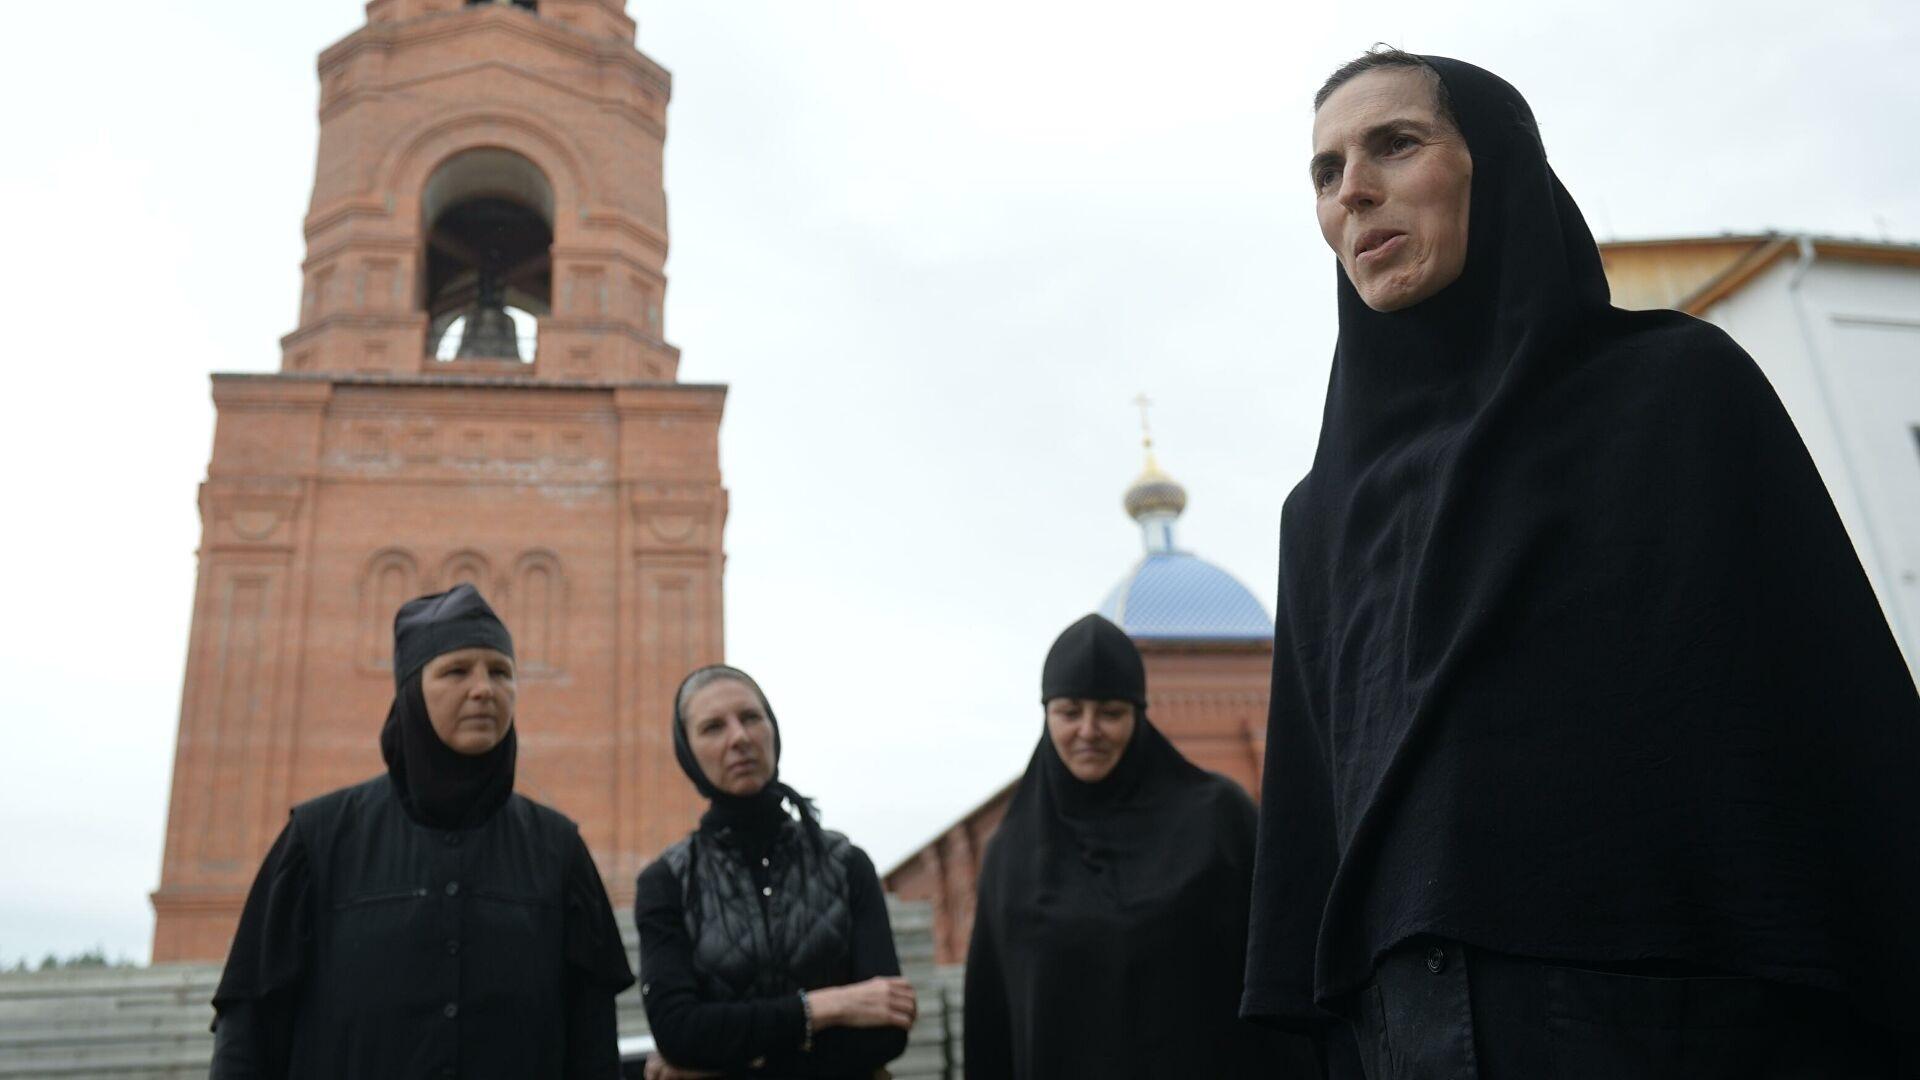 Непослушницы | 20 человек задержали в Среднеуральском монастыре